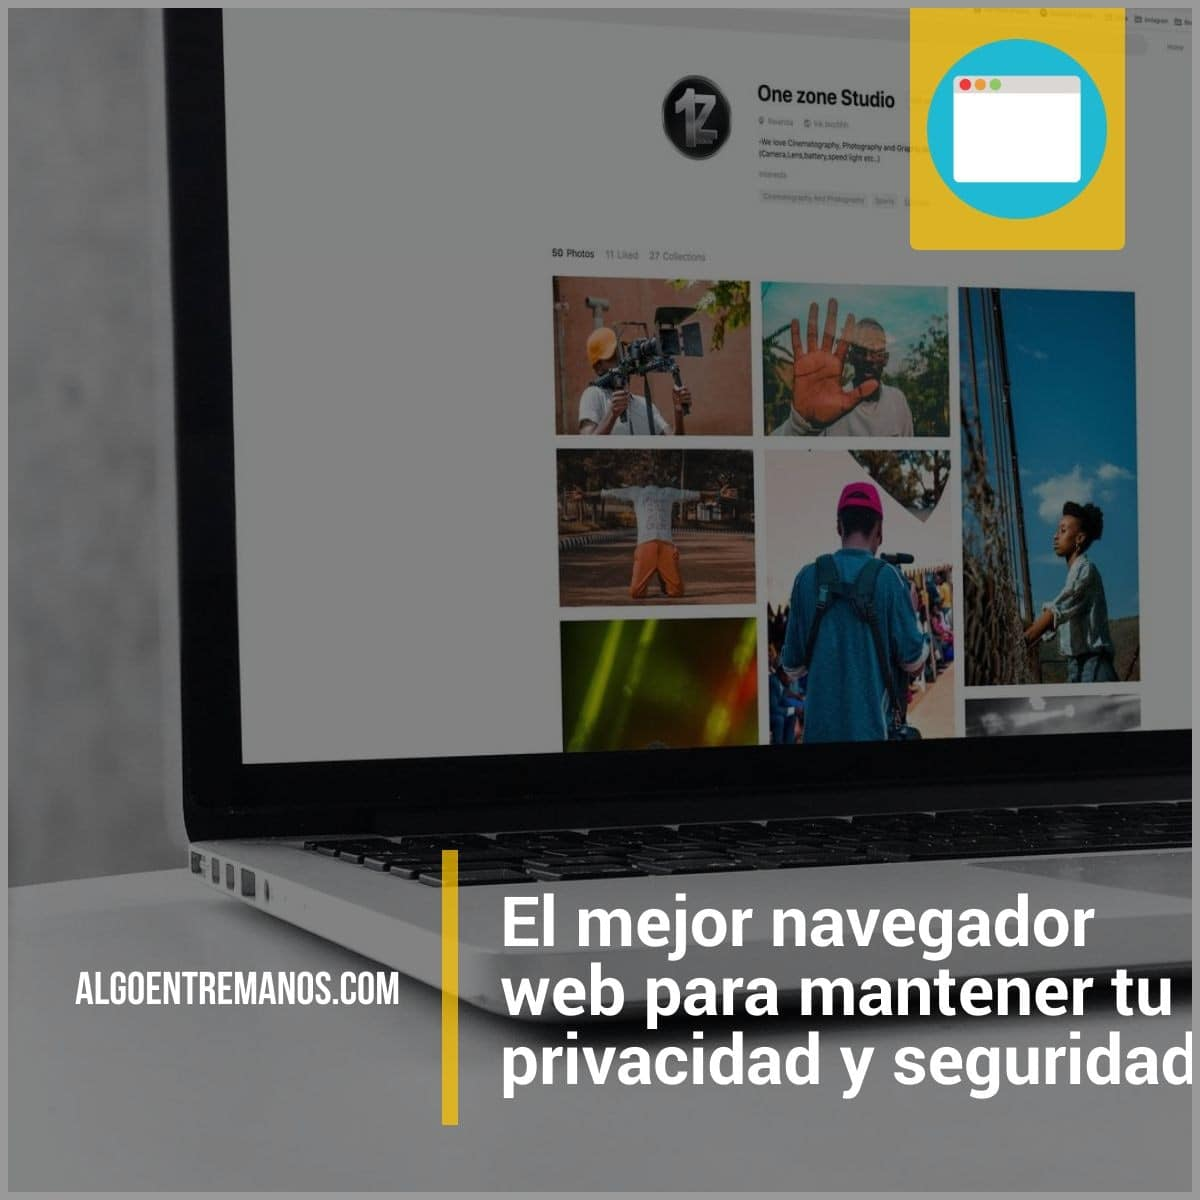 El mejor navegador web para mantener tu privacidad y seguridad